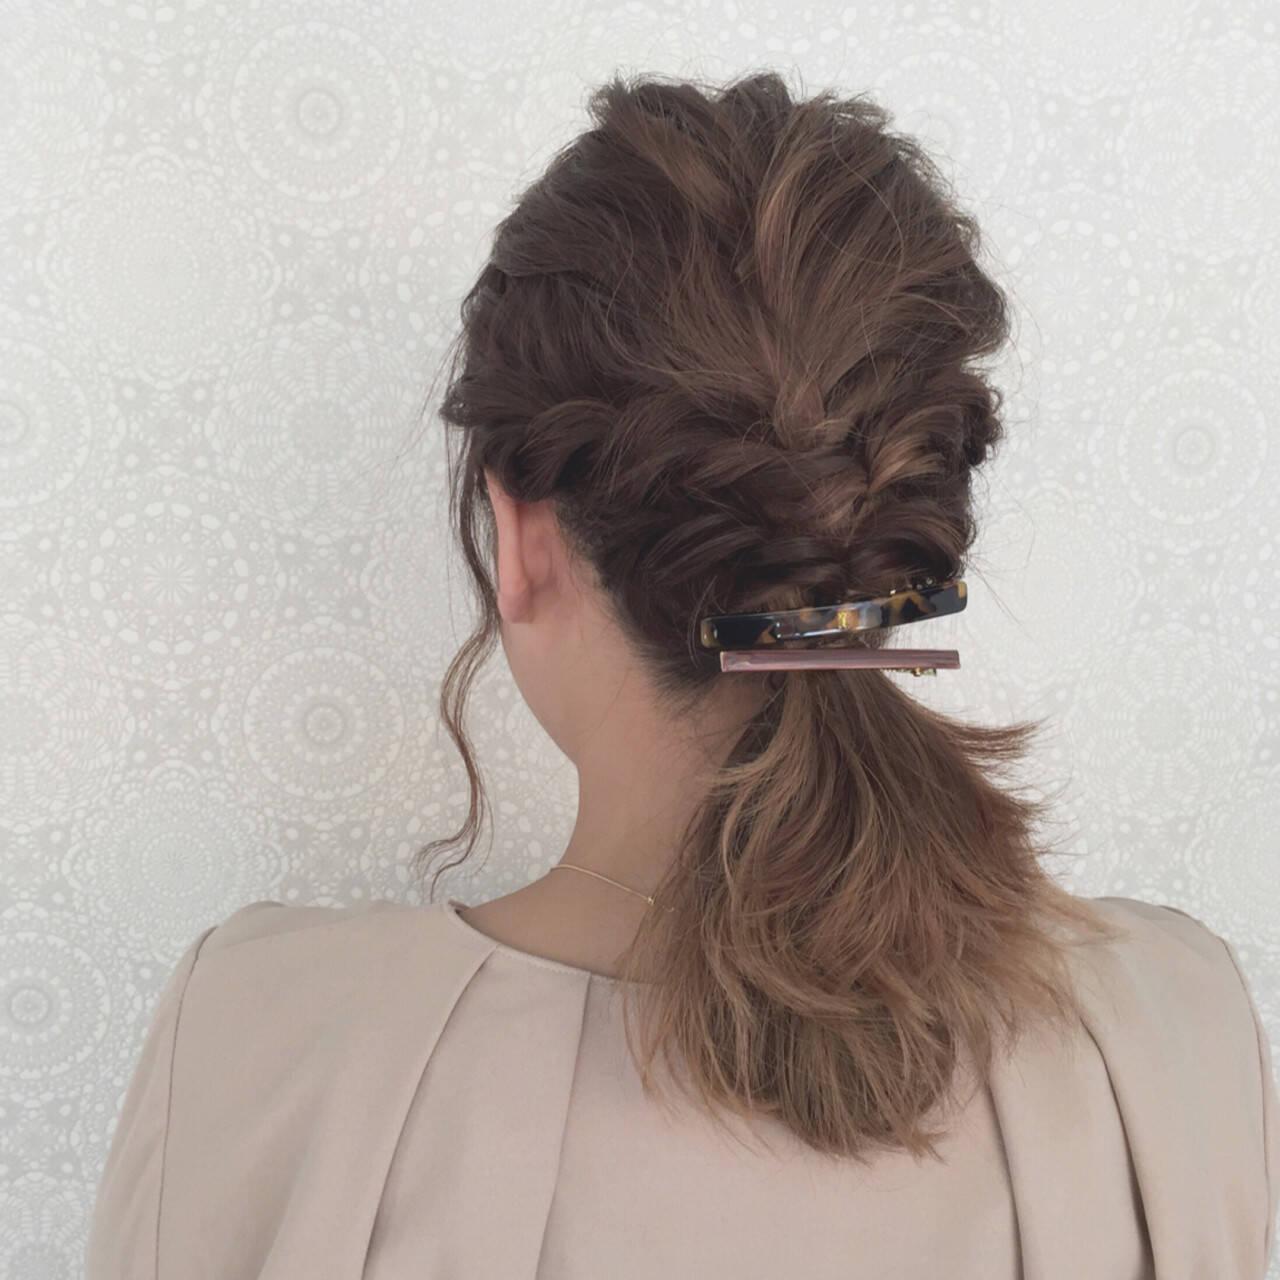 波ウェーブ ナチュラル ヘアアレンジ ツイストヘアスタイルや髪型の写真・画像